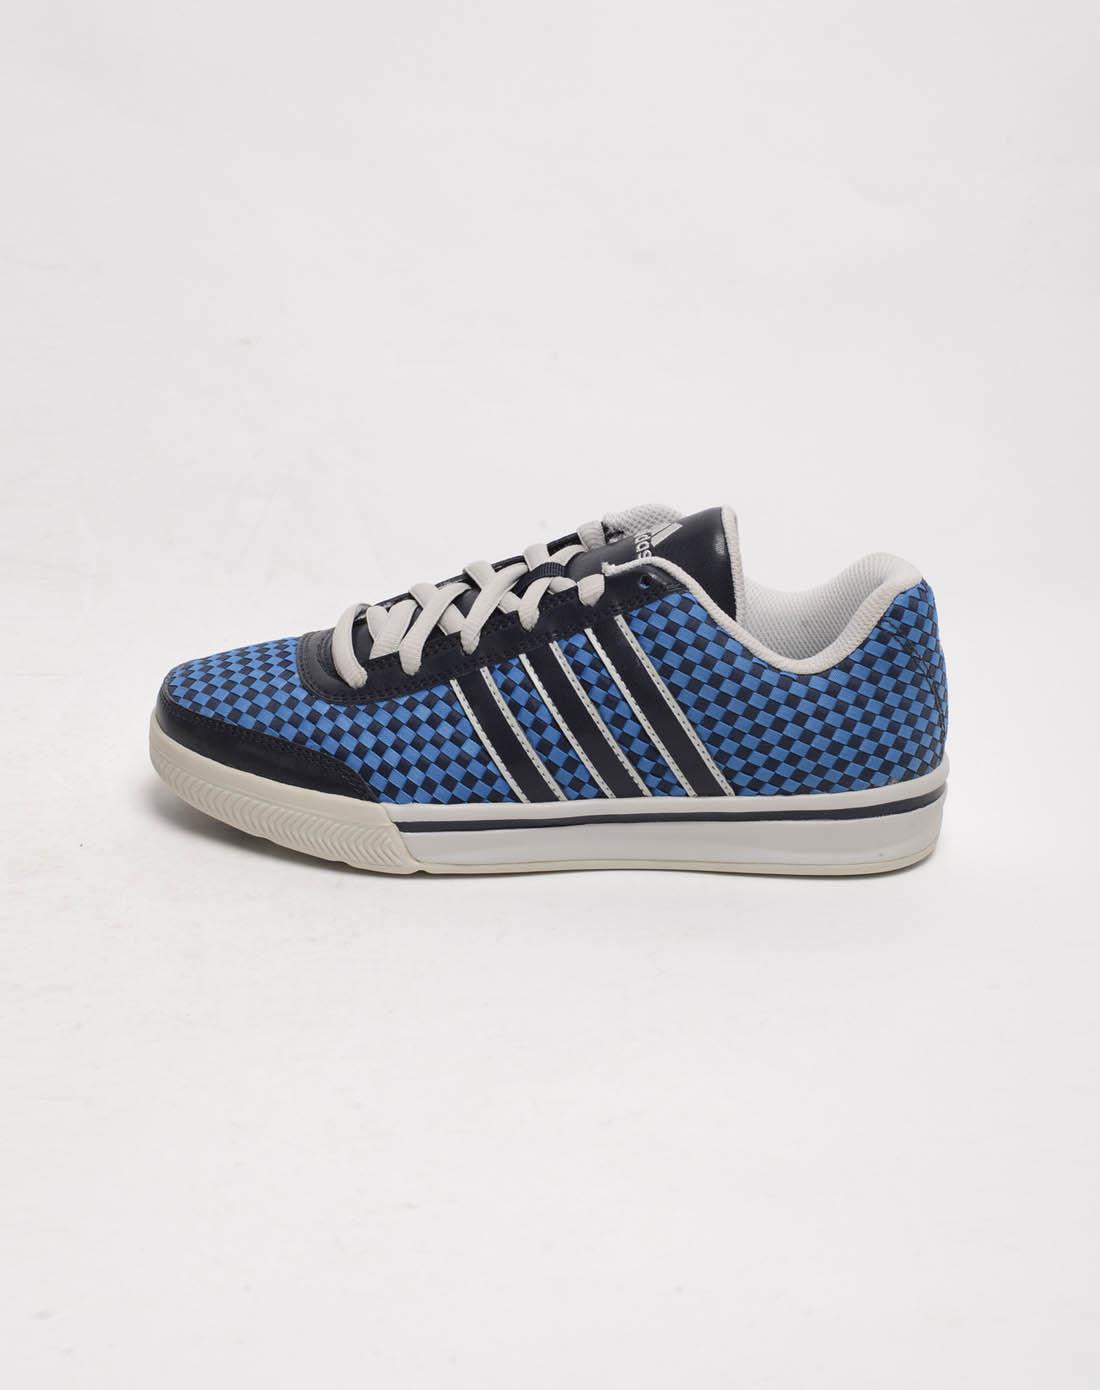 阿迪达斯adidas女子蓝色篮球鞋g05620